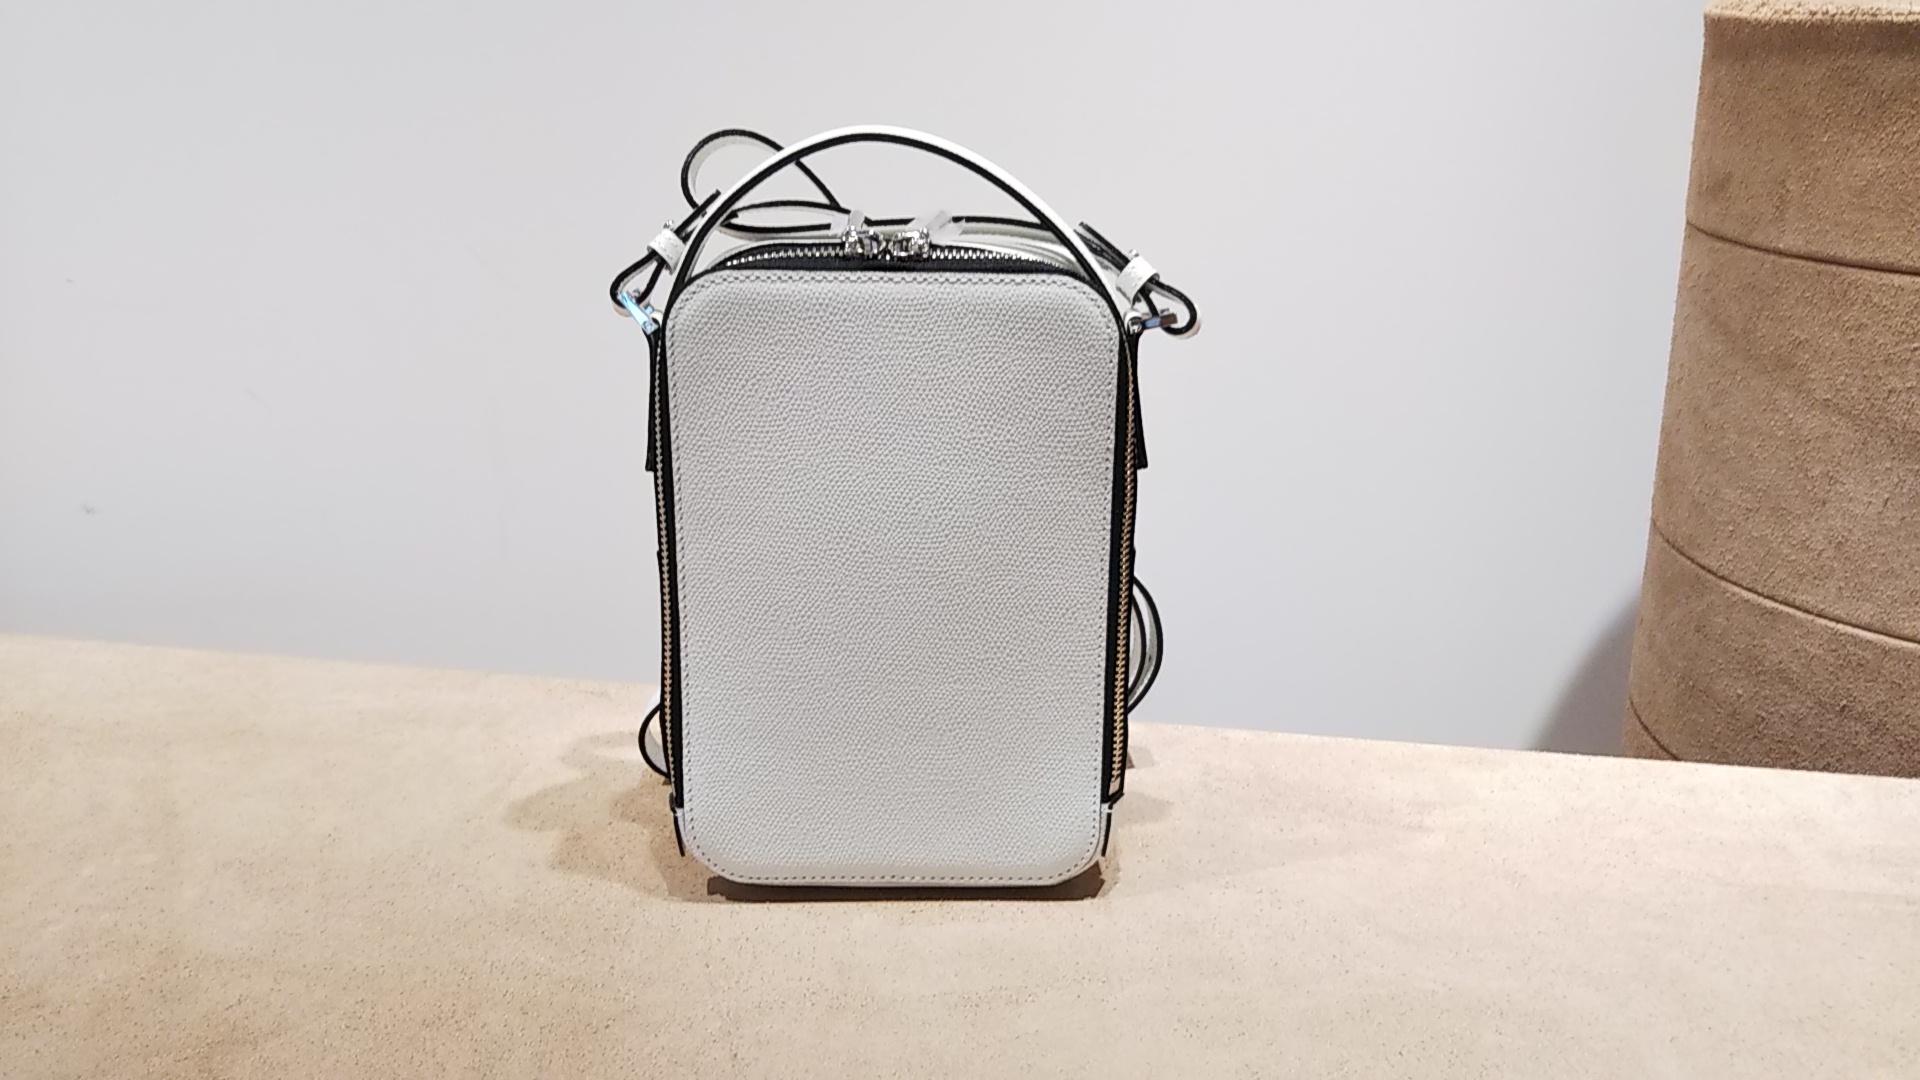 完売色#しろバッグ再入荷と新色追加のお知らせ